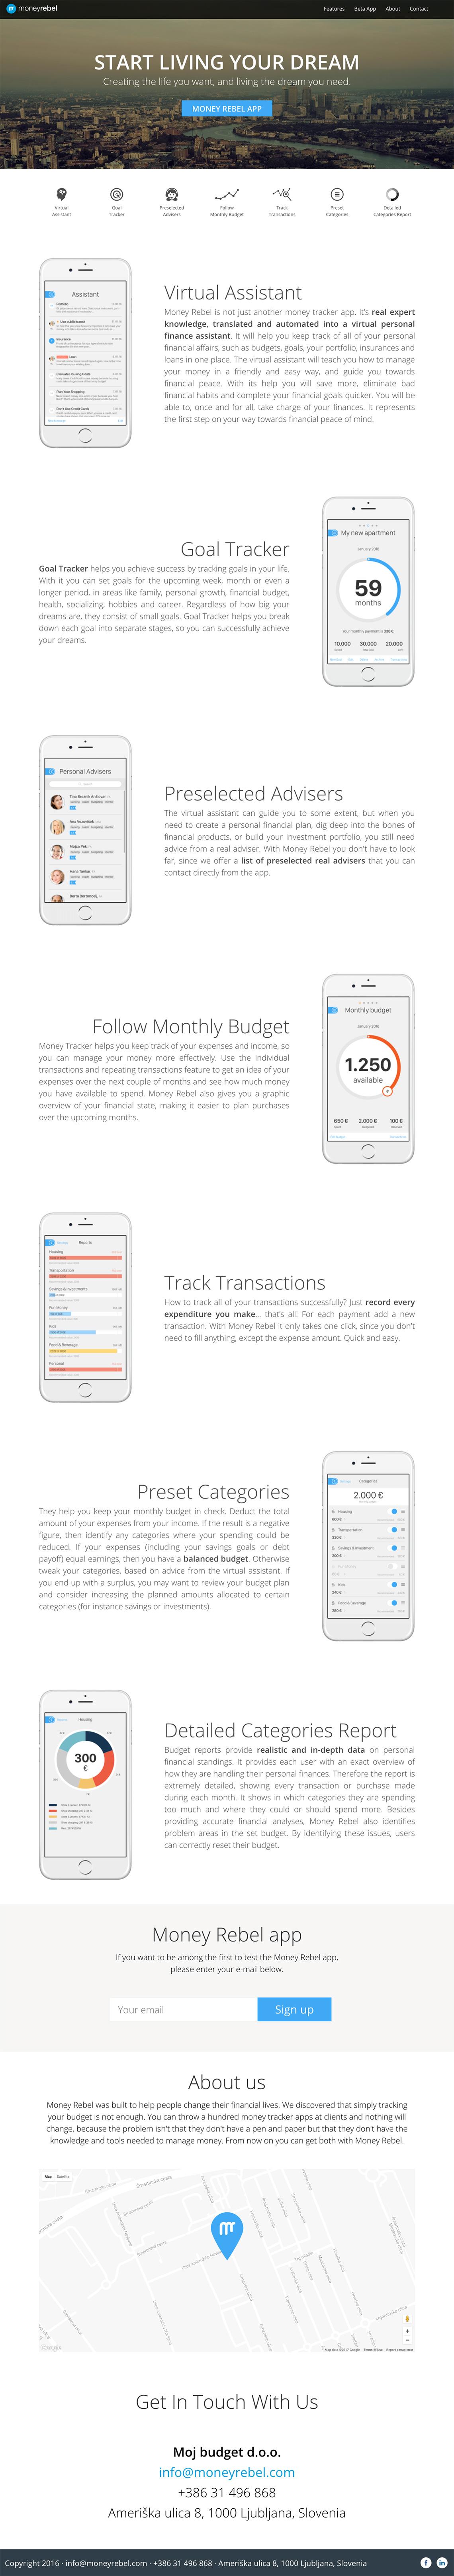 moneyrebel - spletna stran za mobilno aplikacijo